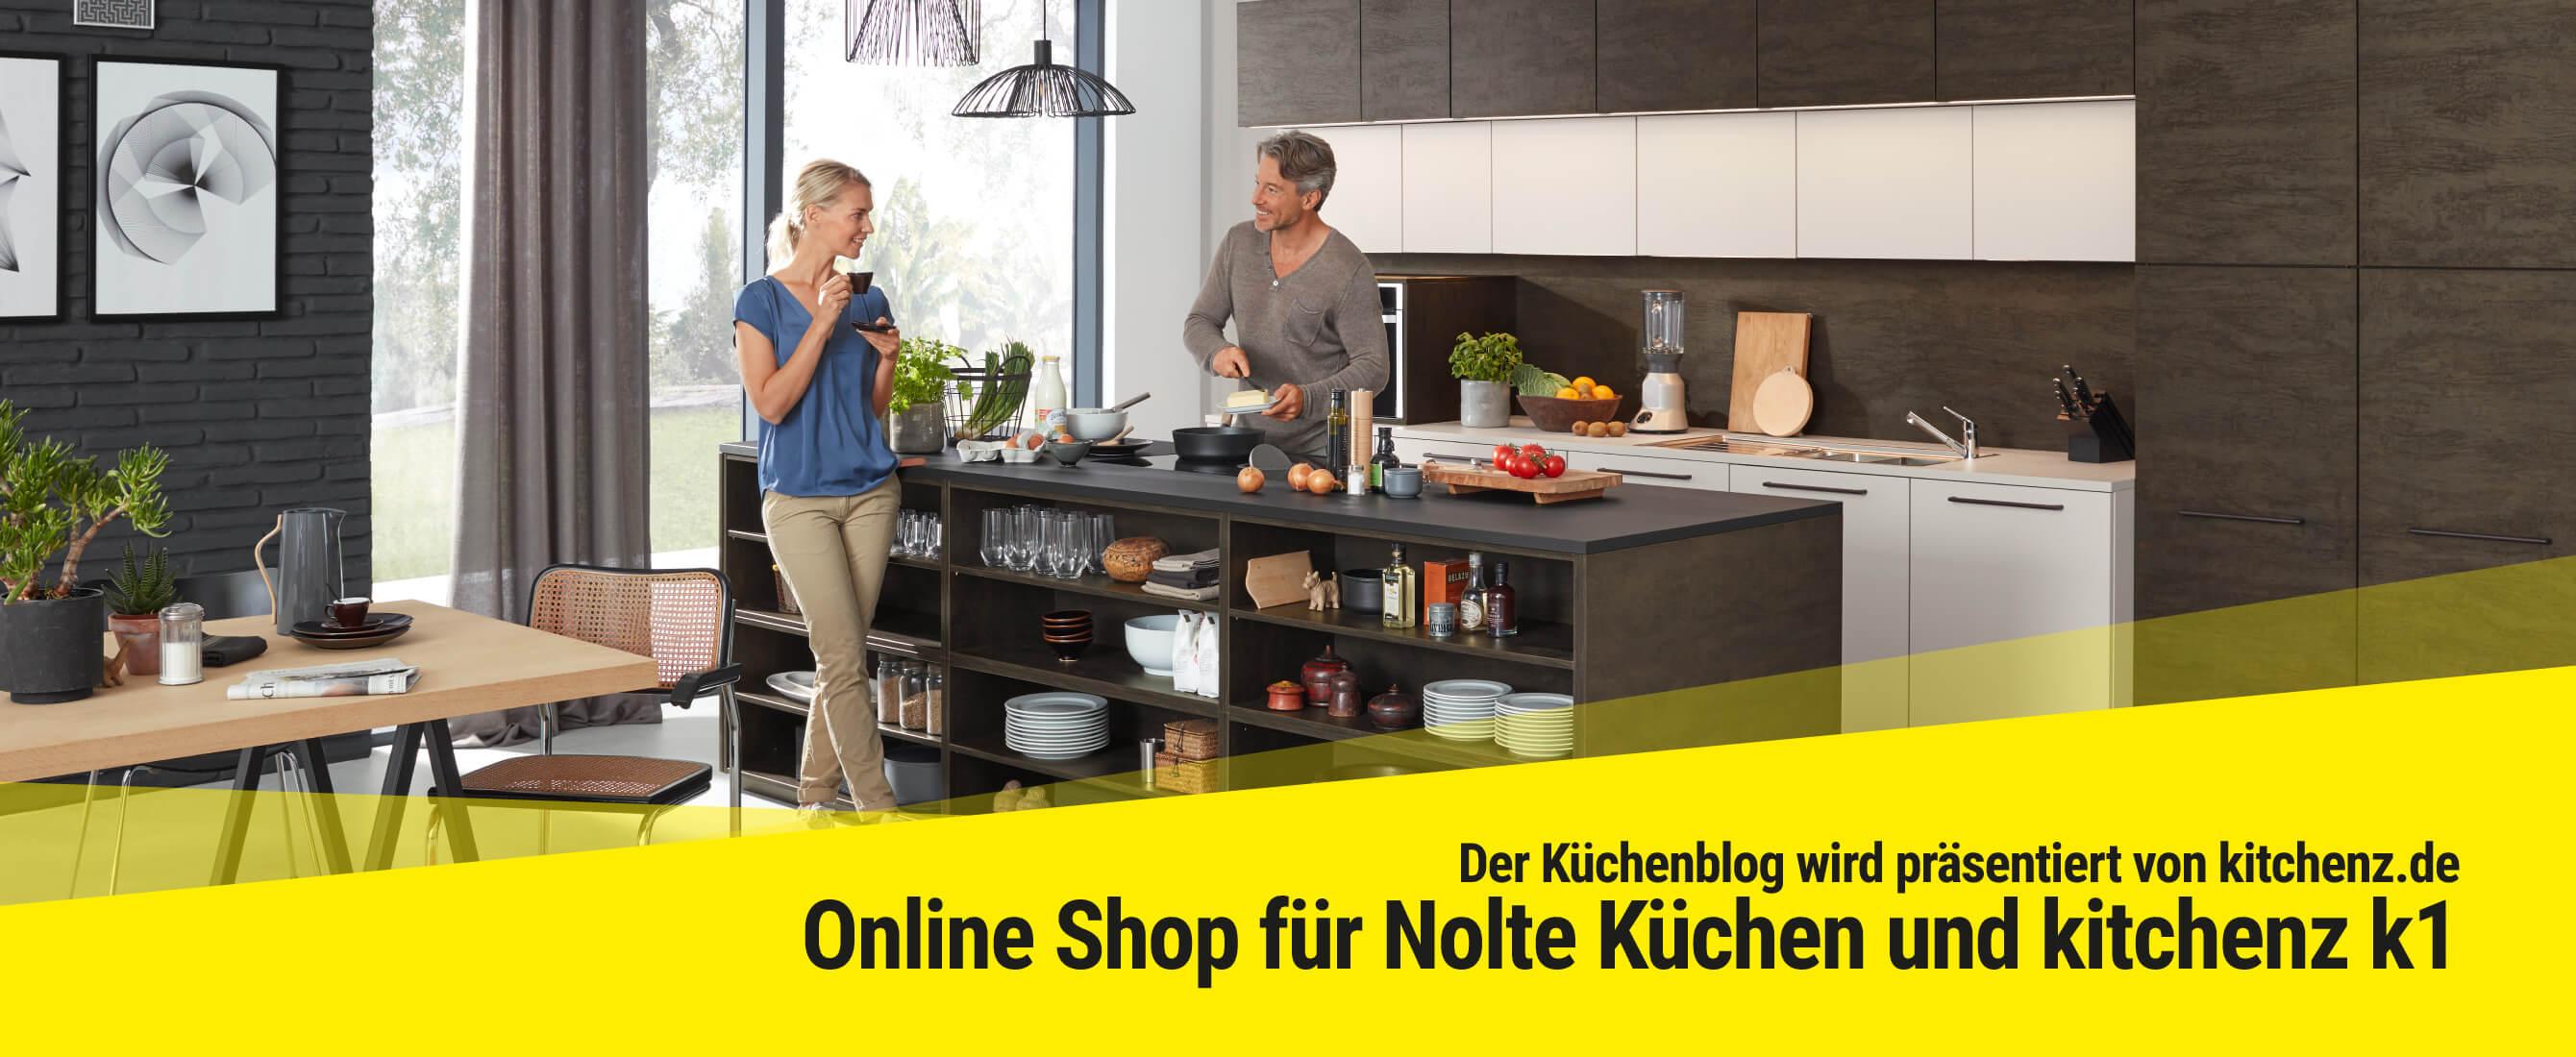 Online Shop für Nolte Küchen und kitchenz k1